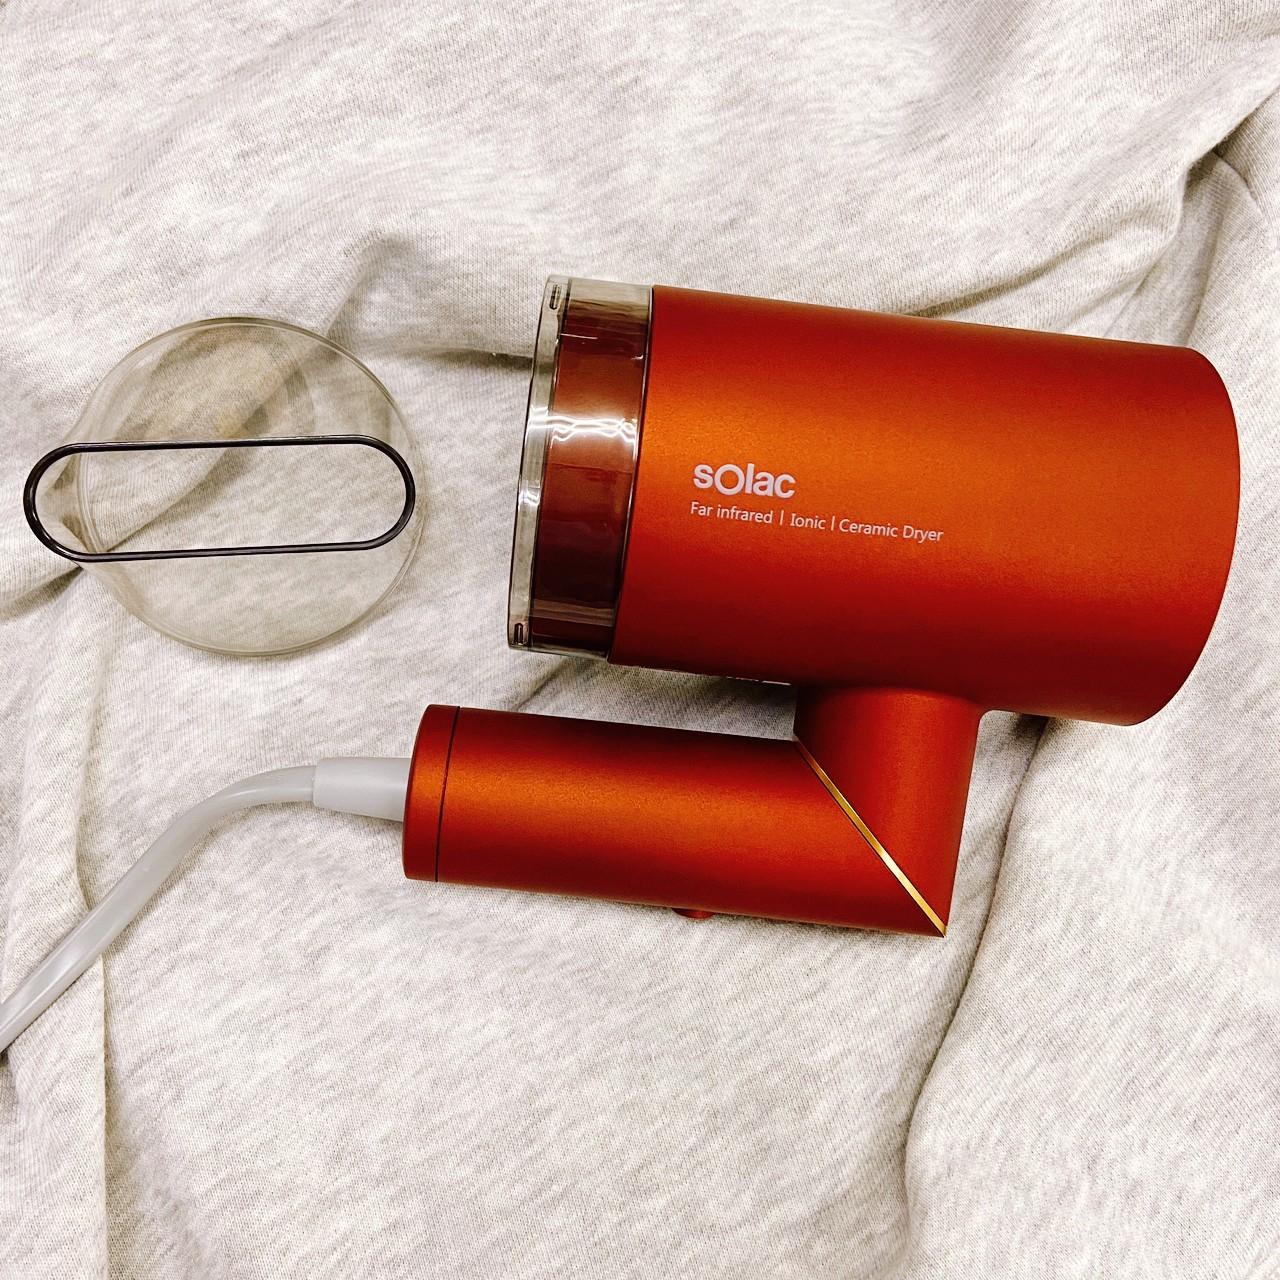 Solac 負離子生物陶瓷吹風機